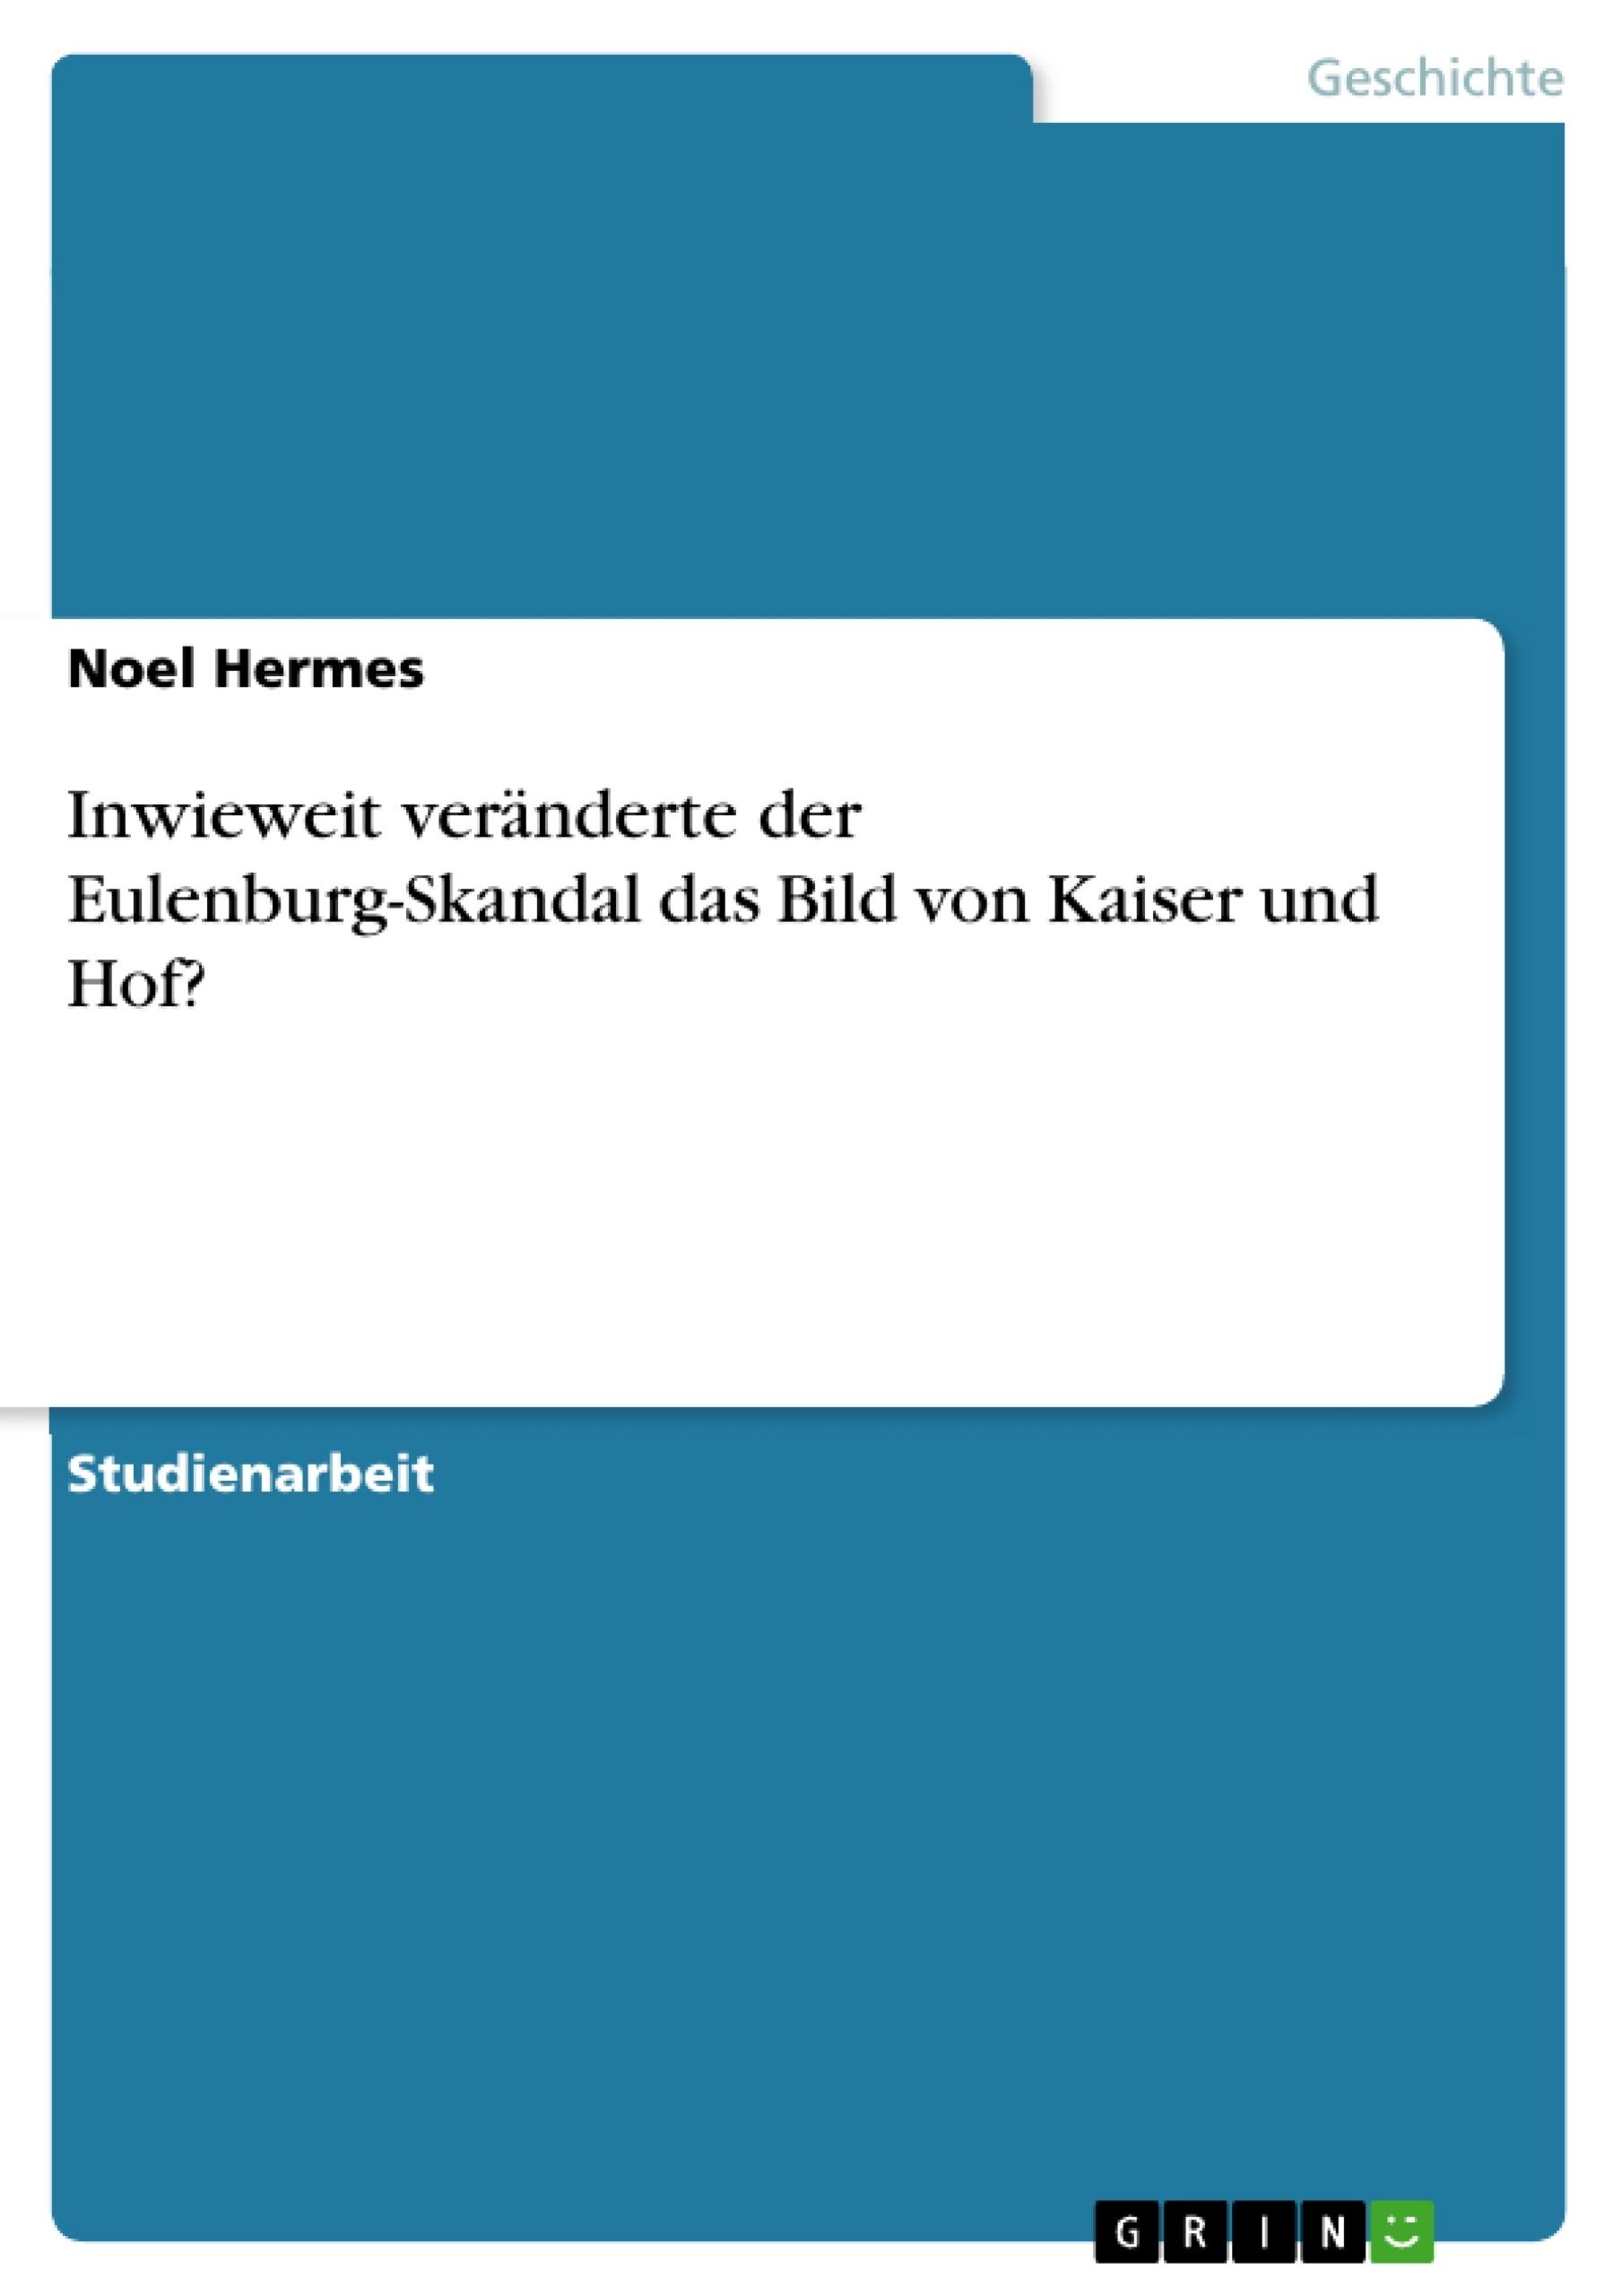 Titel: Inwieweit veränderte der Eulenburg-Skandal das Bild von Kaiser und Hof?